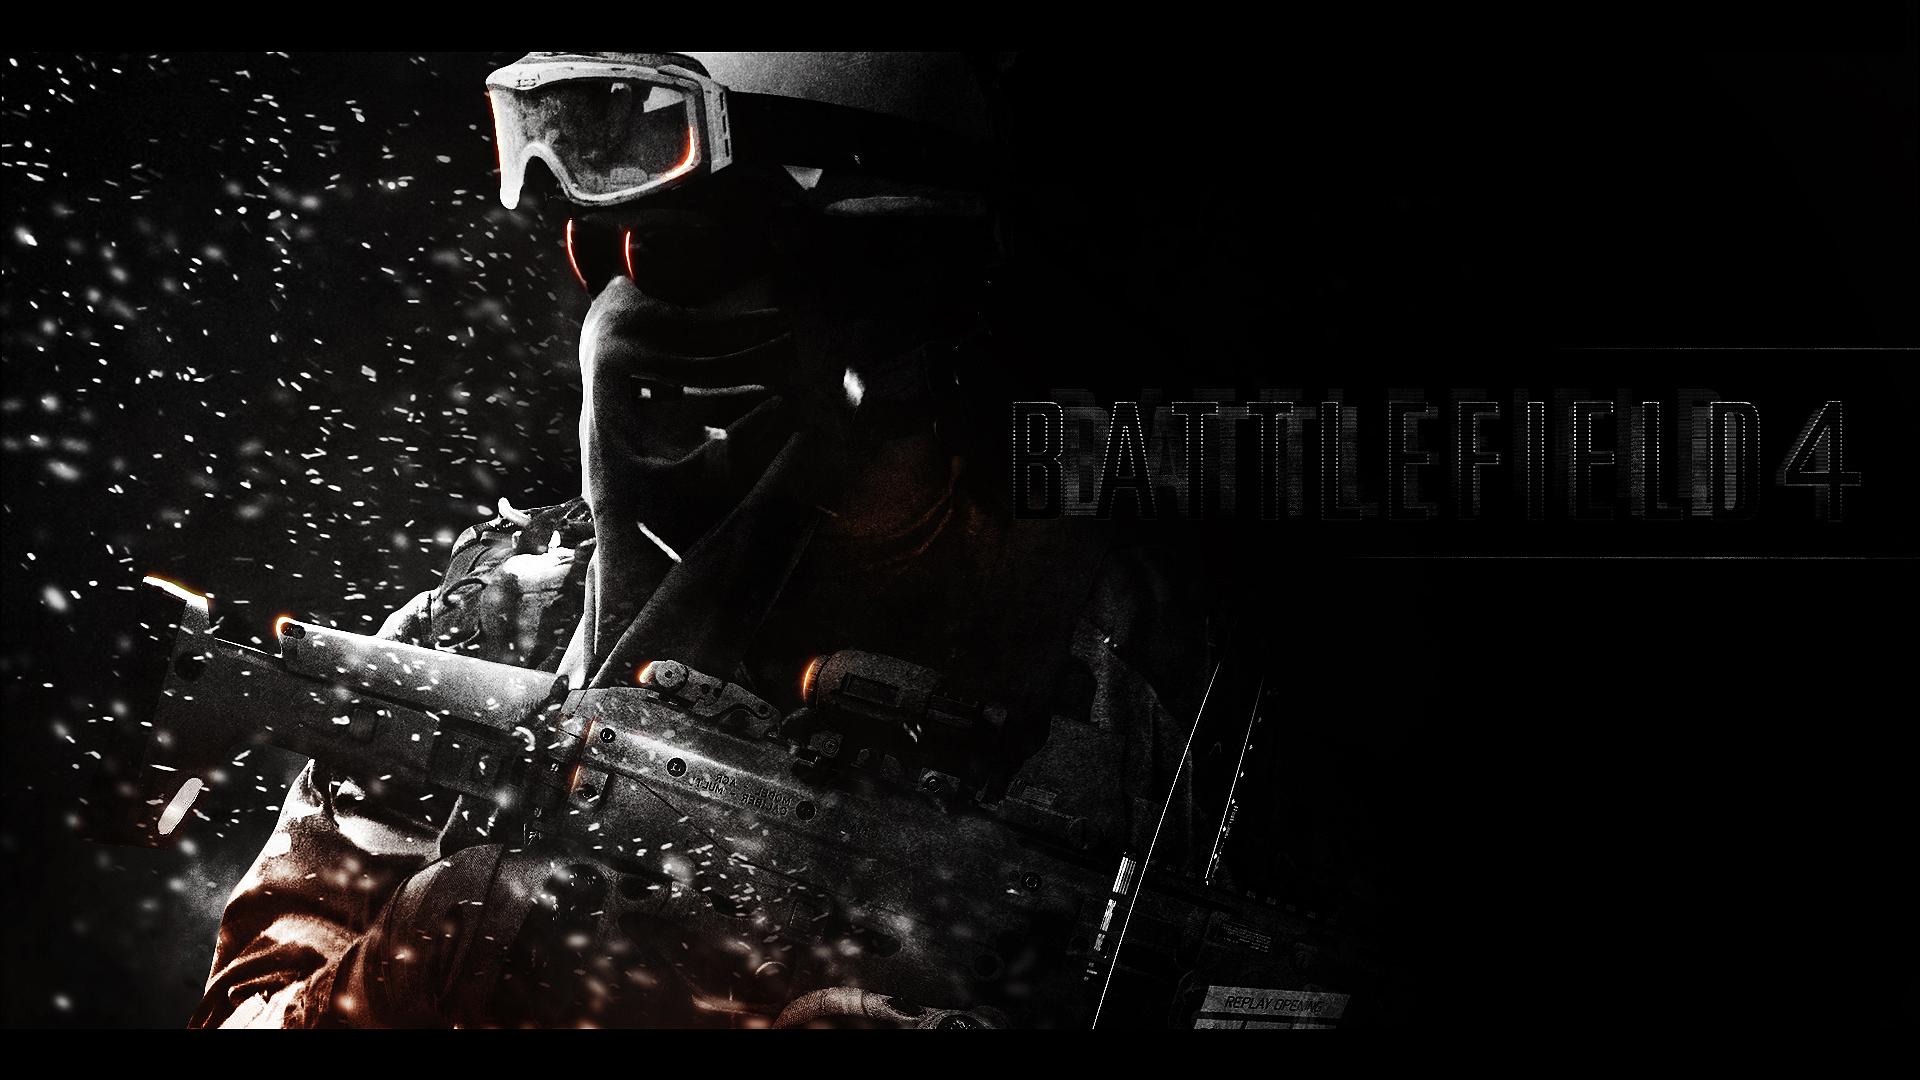 Battlefield 4 Wallpaper   Fan Made 2   Battlefield Informer Gallery 1920x1080